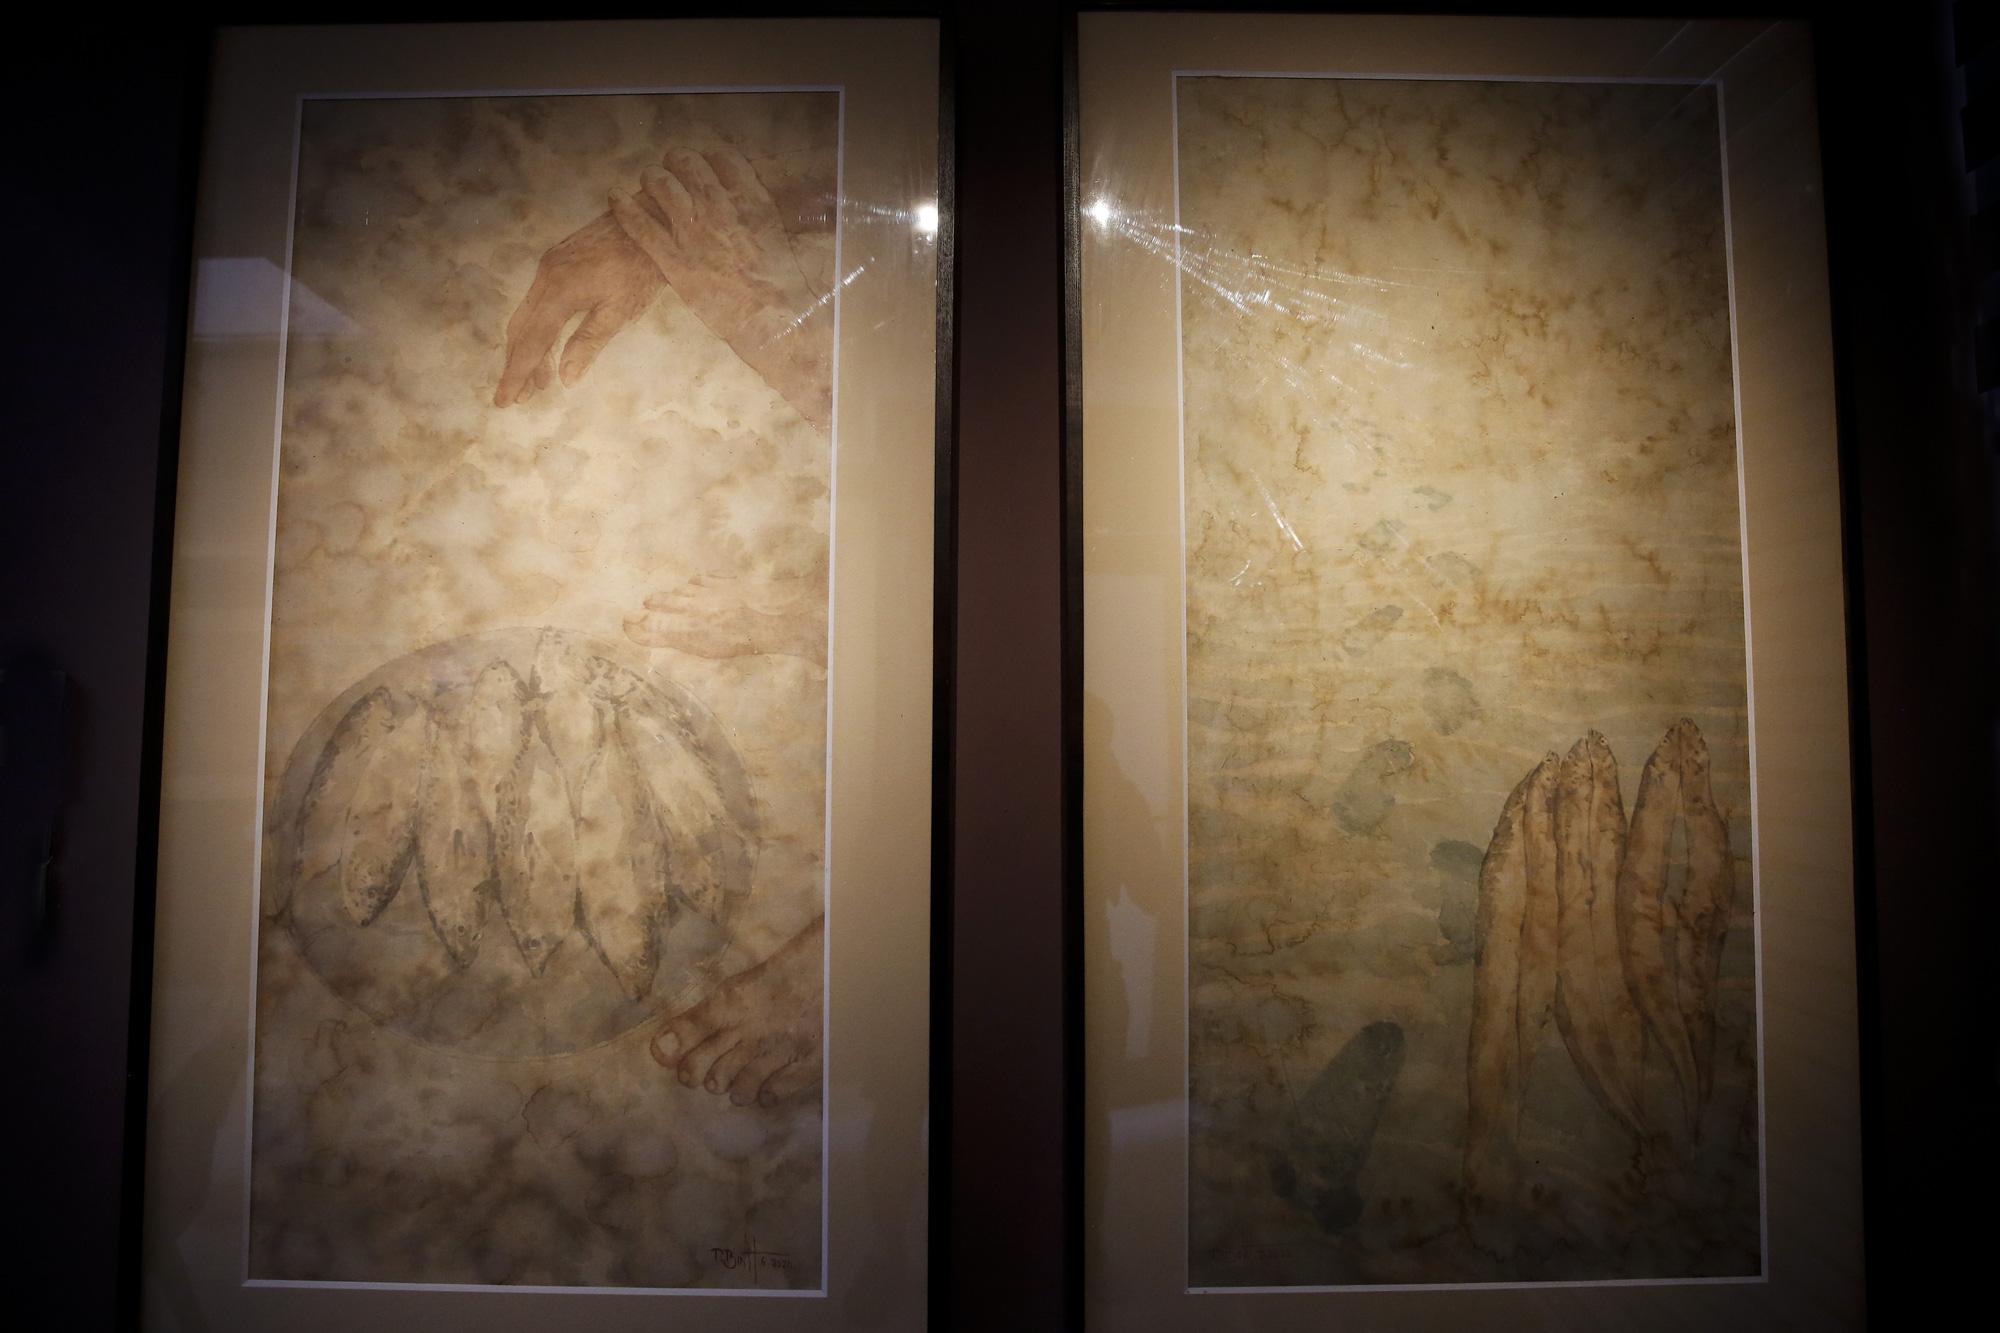 Chiêm ngưỡng không gian tranh giấy dó truyền thống đặc biệt tại Hà Nội - Ảnh 12.